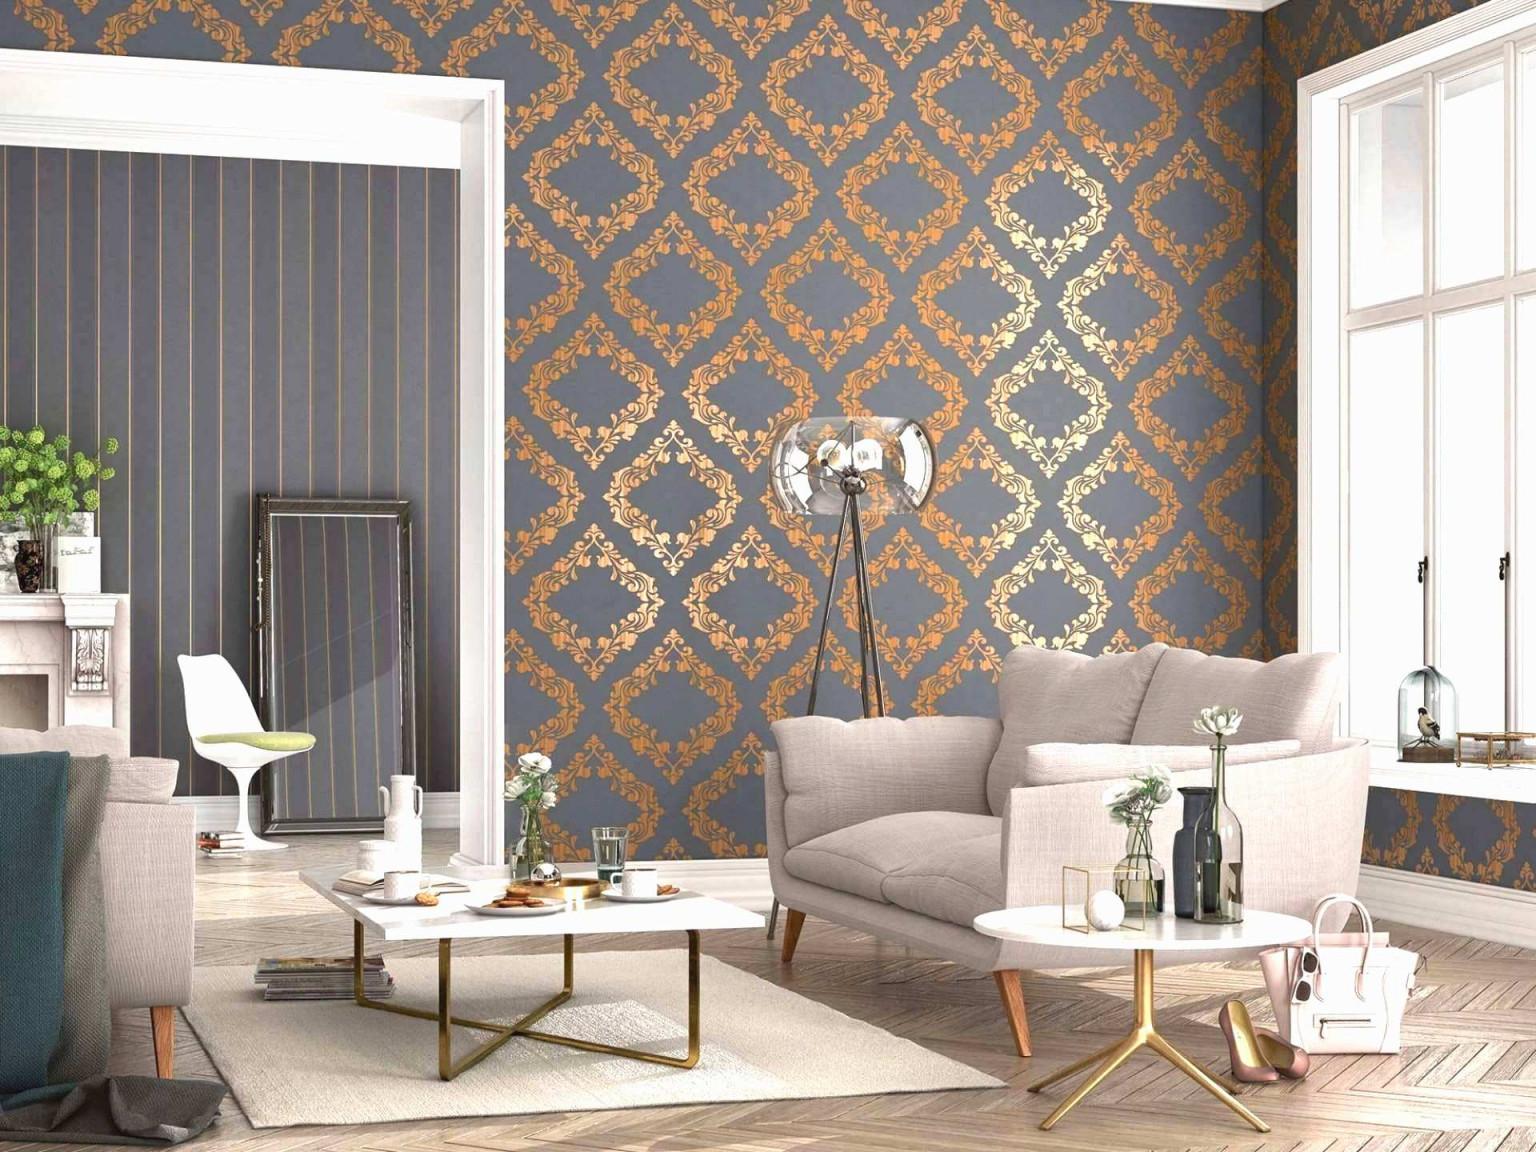 Tapete Steinoptik Wohnzimmer Frisch 47 Luxus Tapete von Luxus Tapeten Wohnzimmer Photo